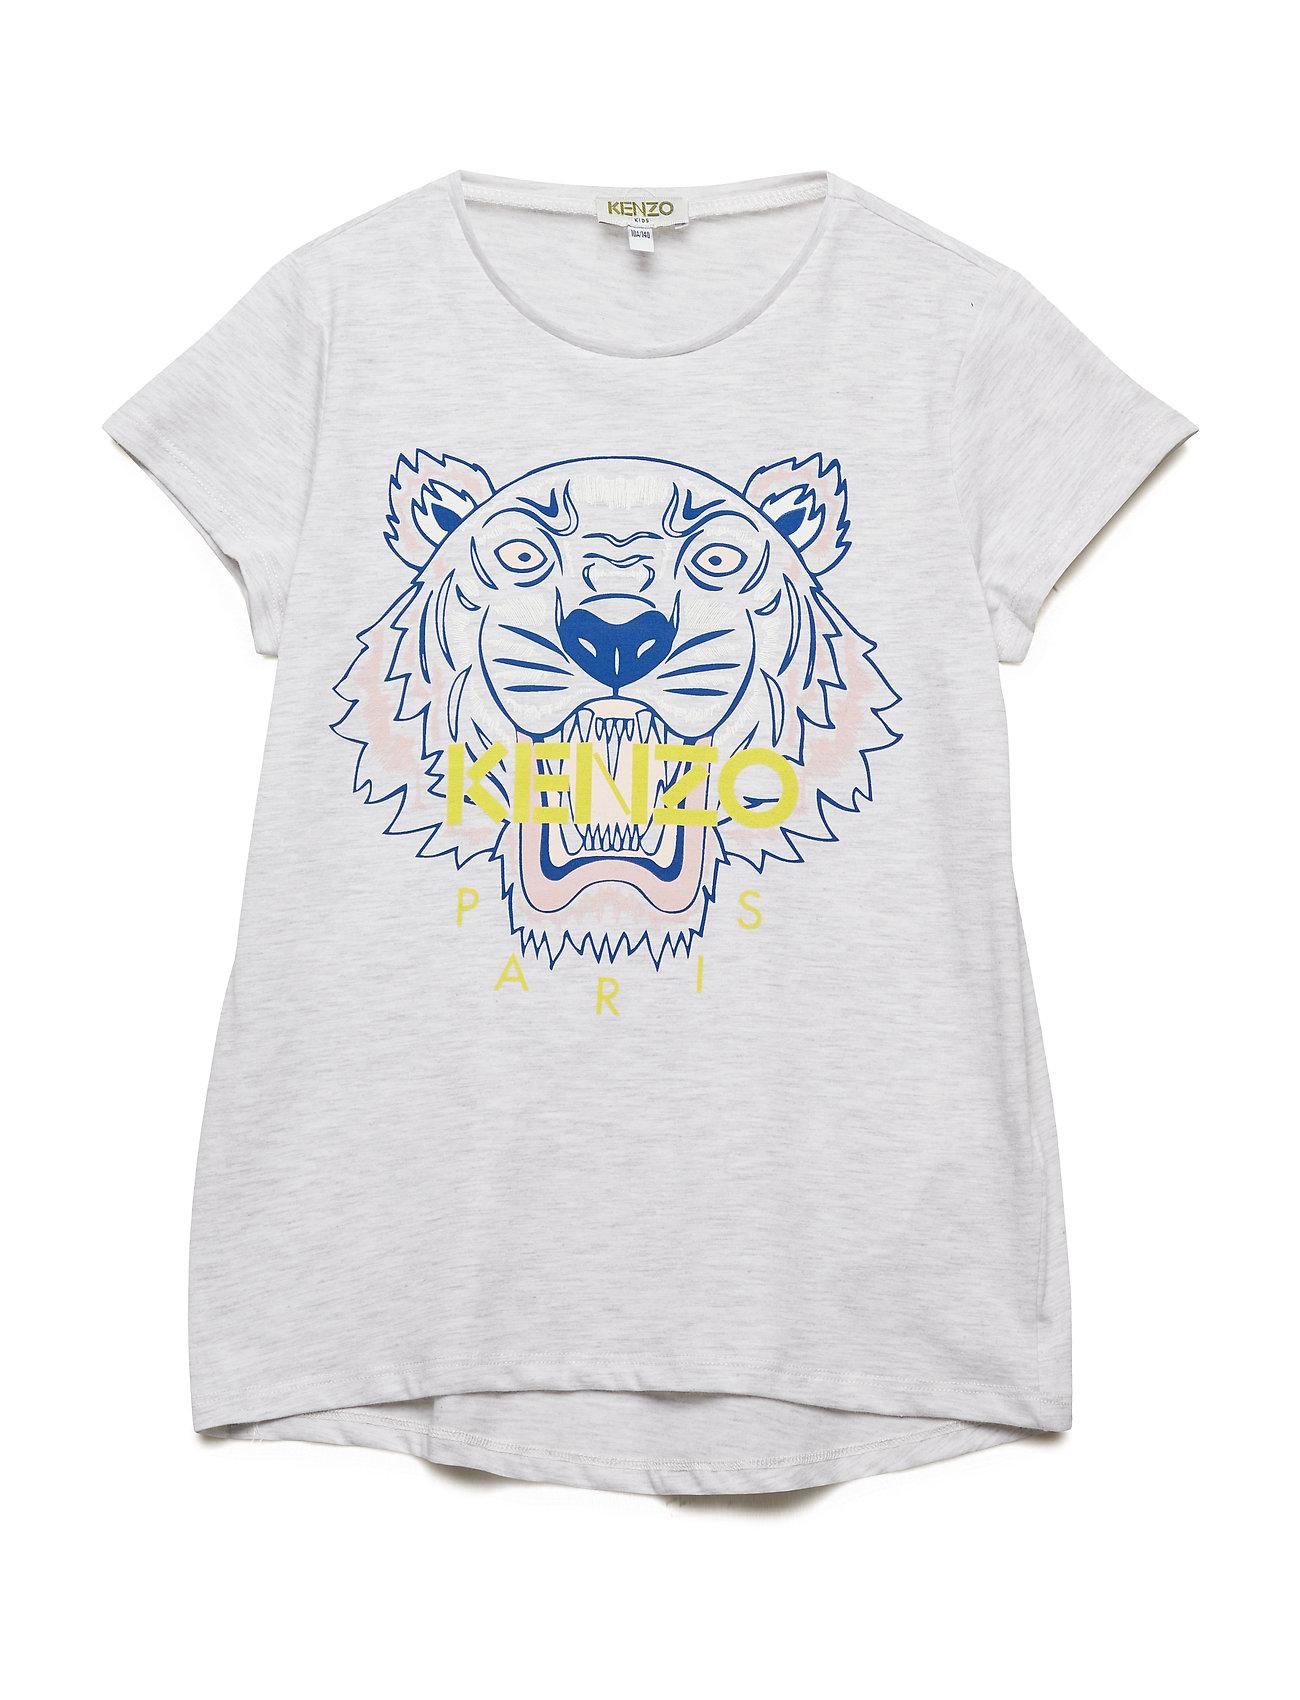 kenzo t-shirt danmark